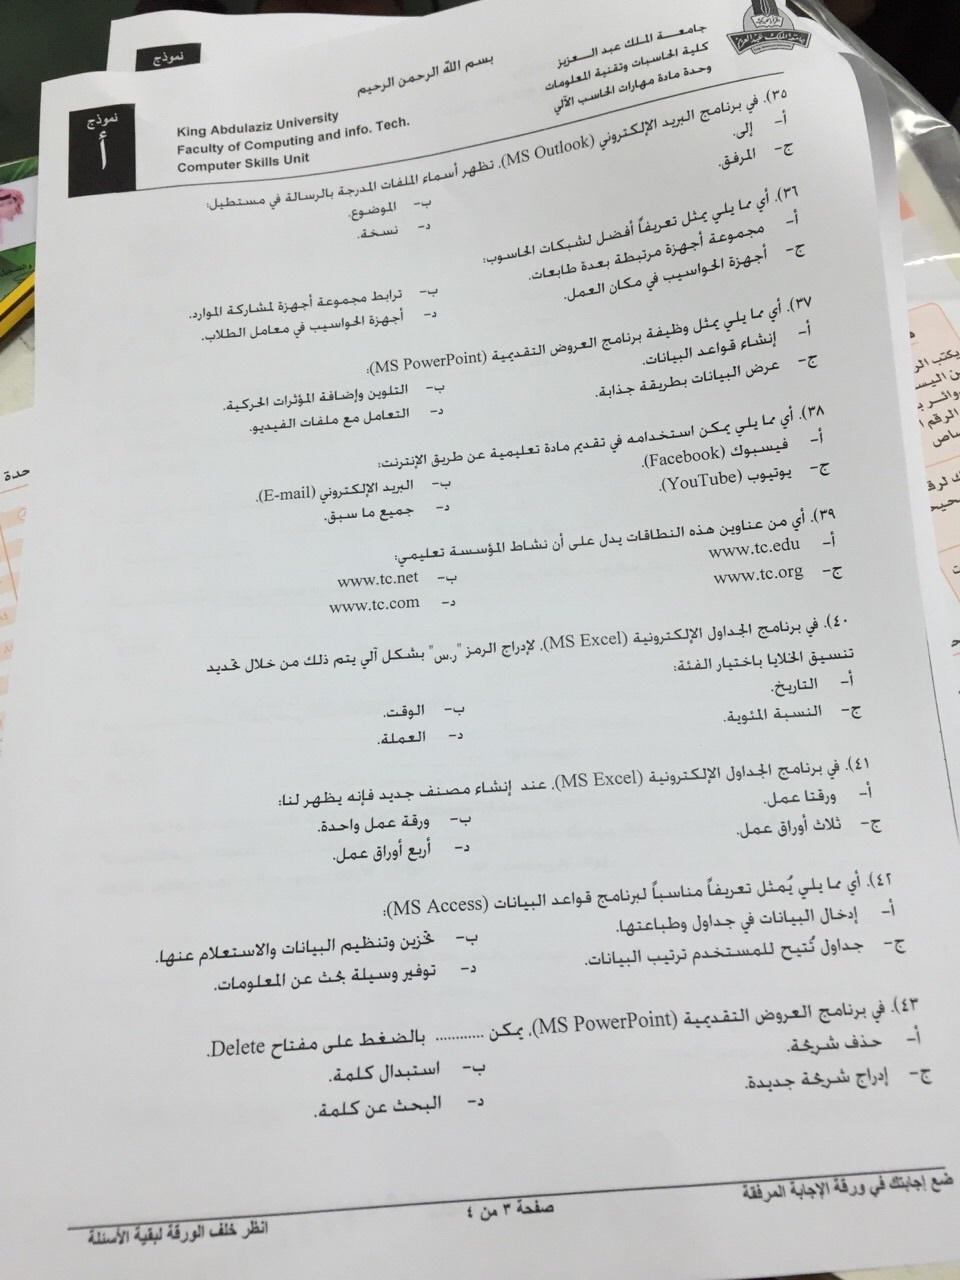 كتاب مقدمة في الحاسب الالي جامعة الامام